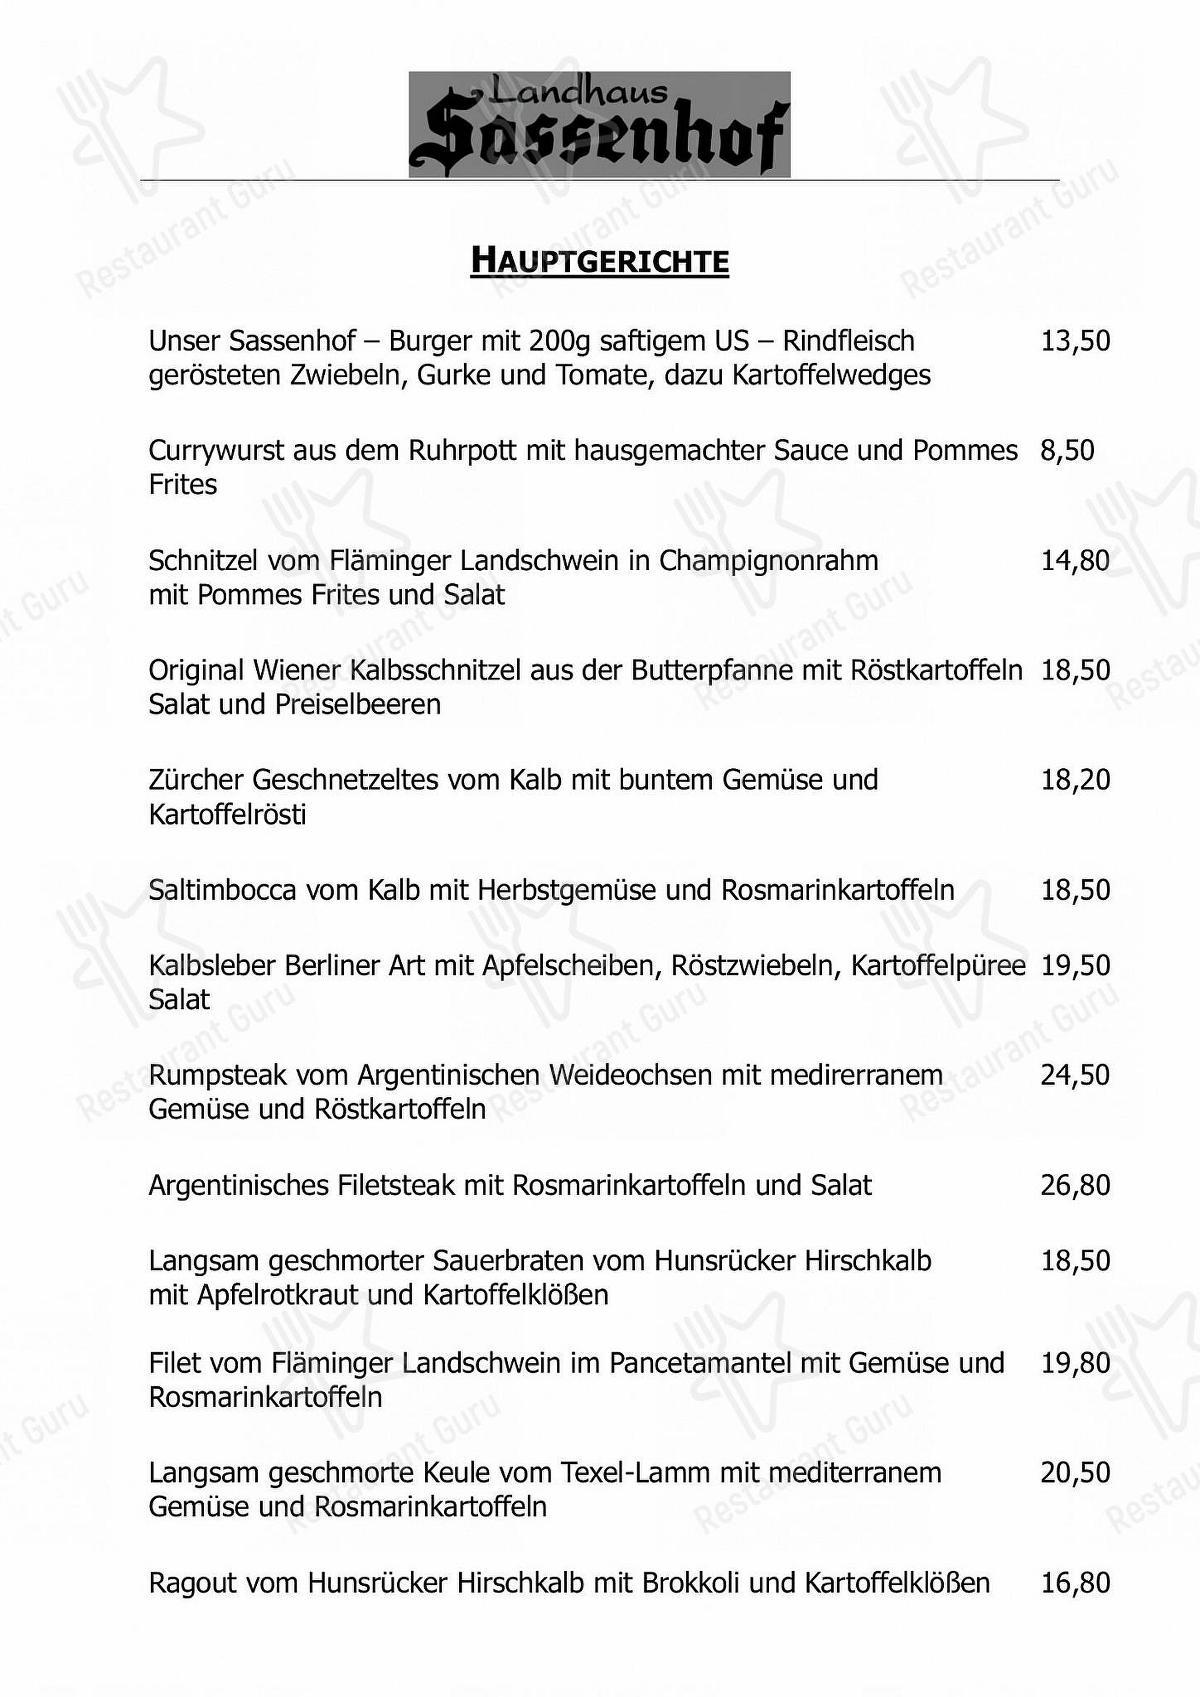 Landhaus Sassenhof Speisekarte - Gerichte und Getränke